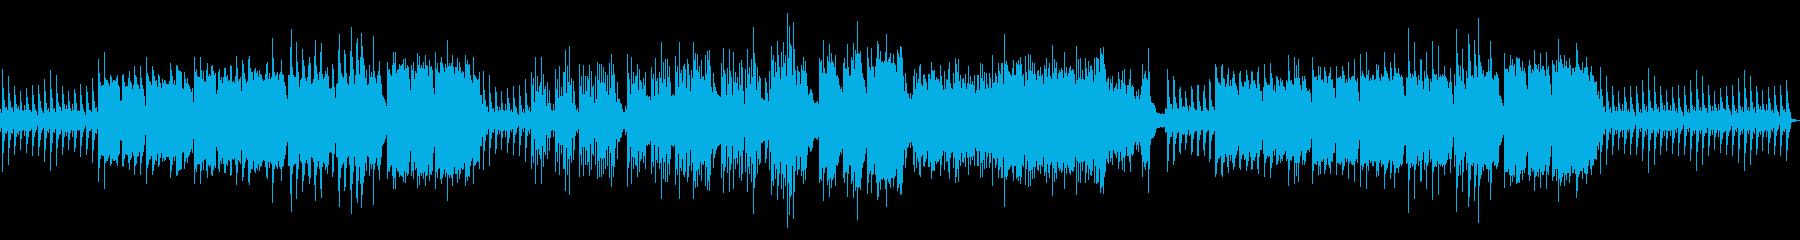 寂しげなインストの再生済みの波形